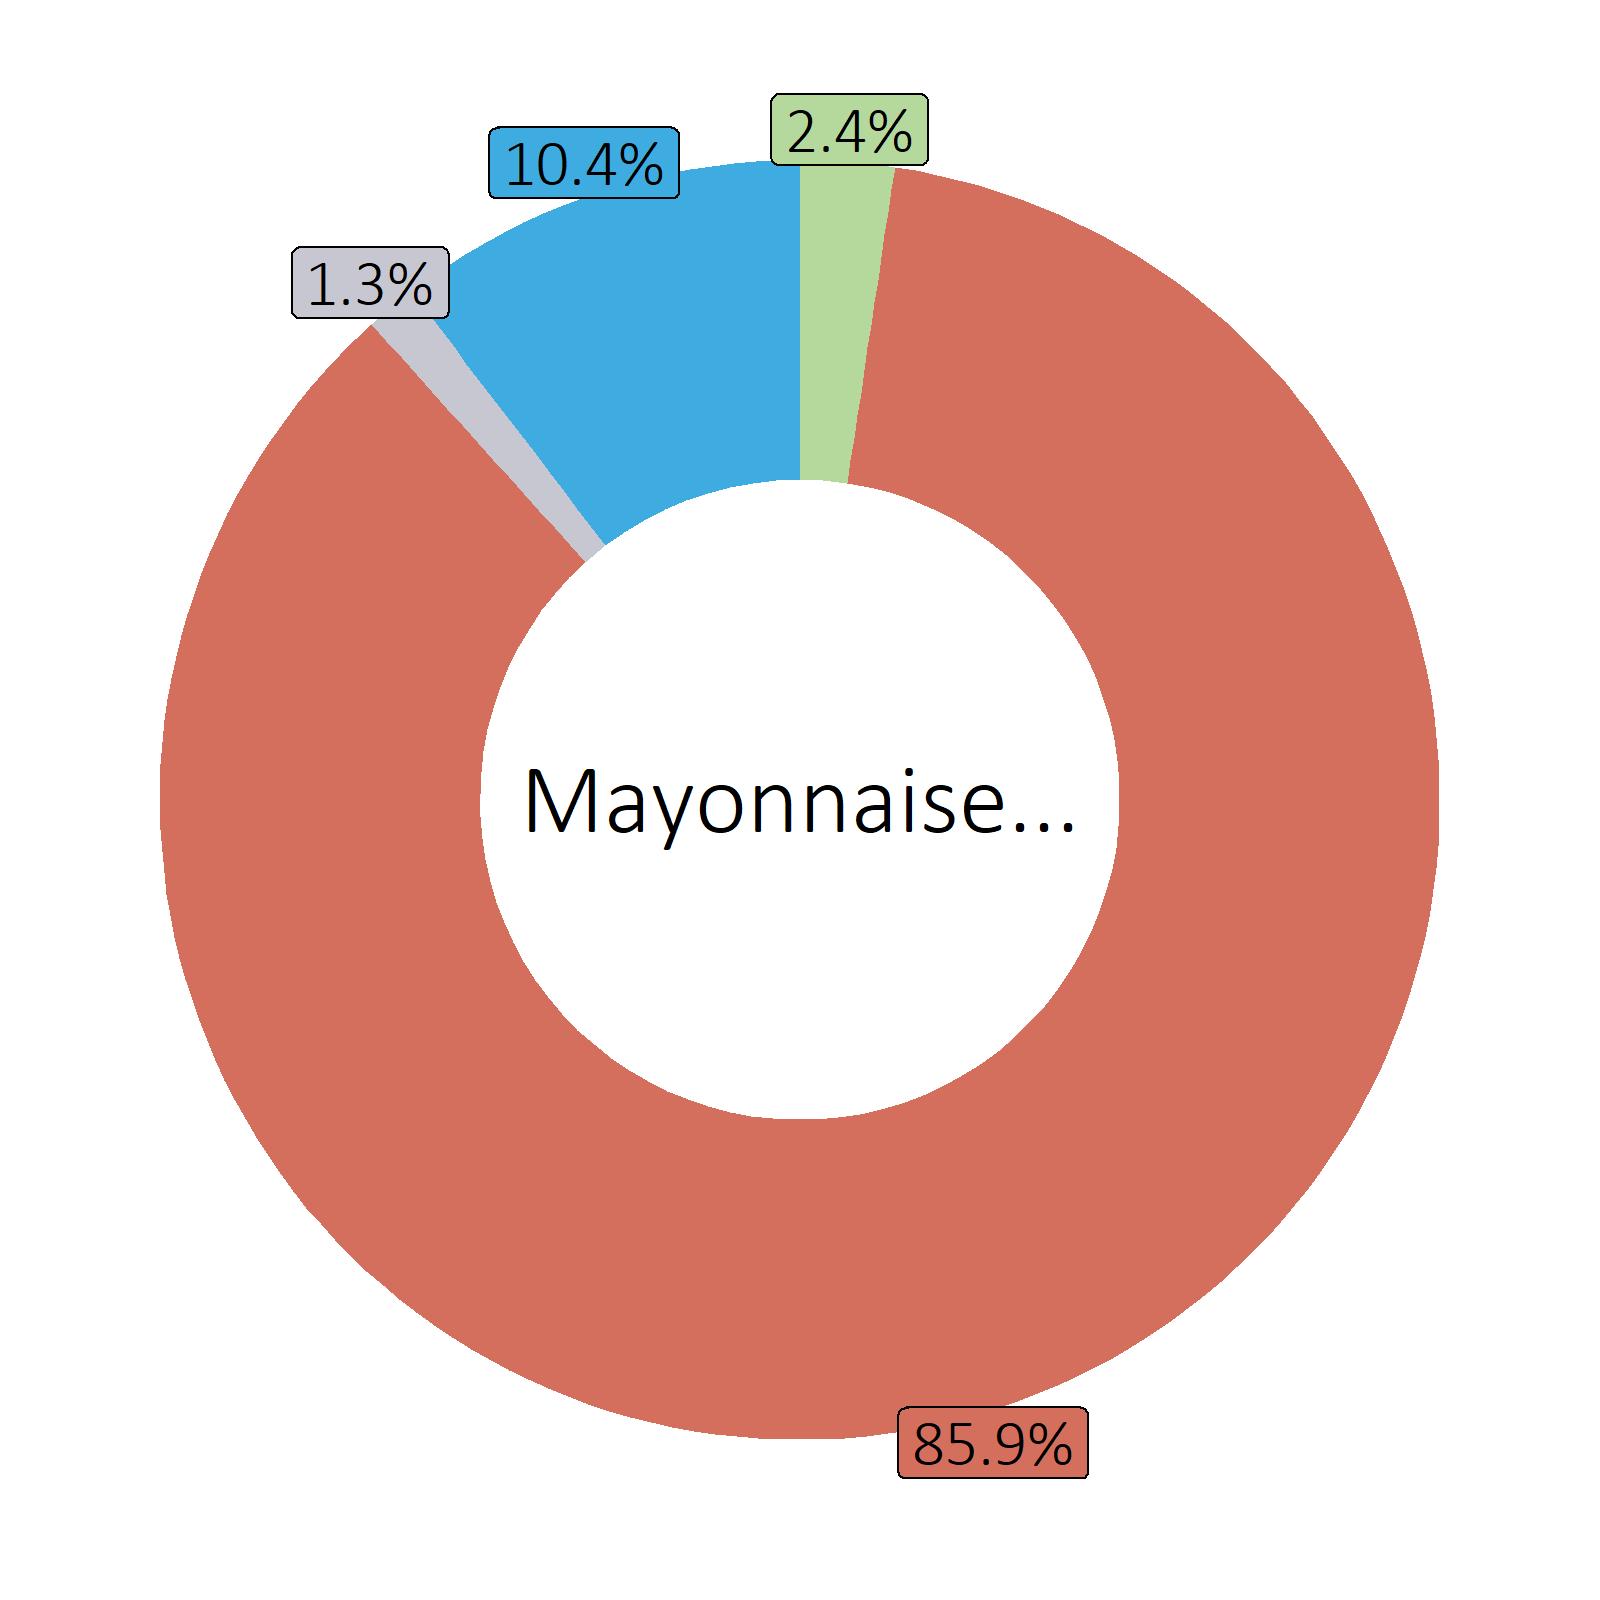 Bestandteile Mayonnaise, selbst zubereitet mit Rapsöl